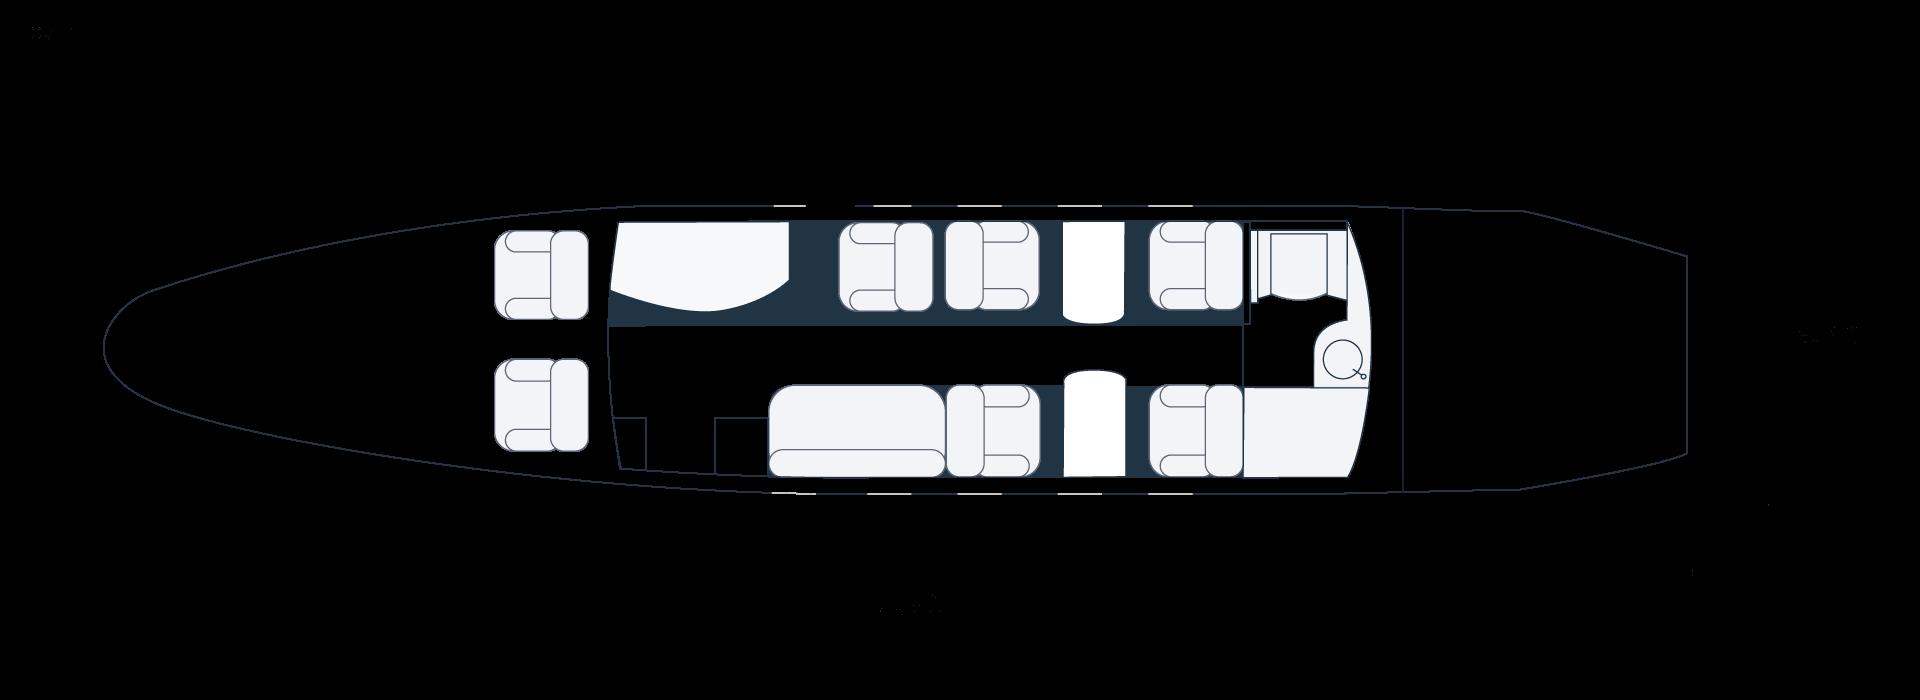 Grundriss eines Gulfstream G150 Privatjets